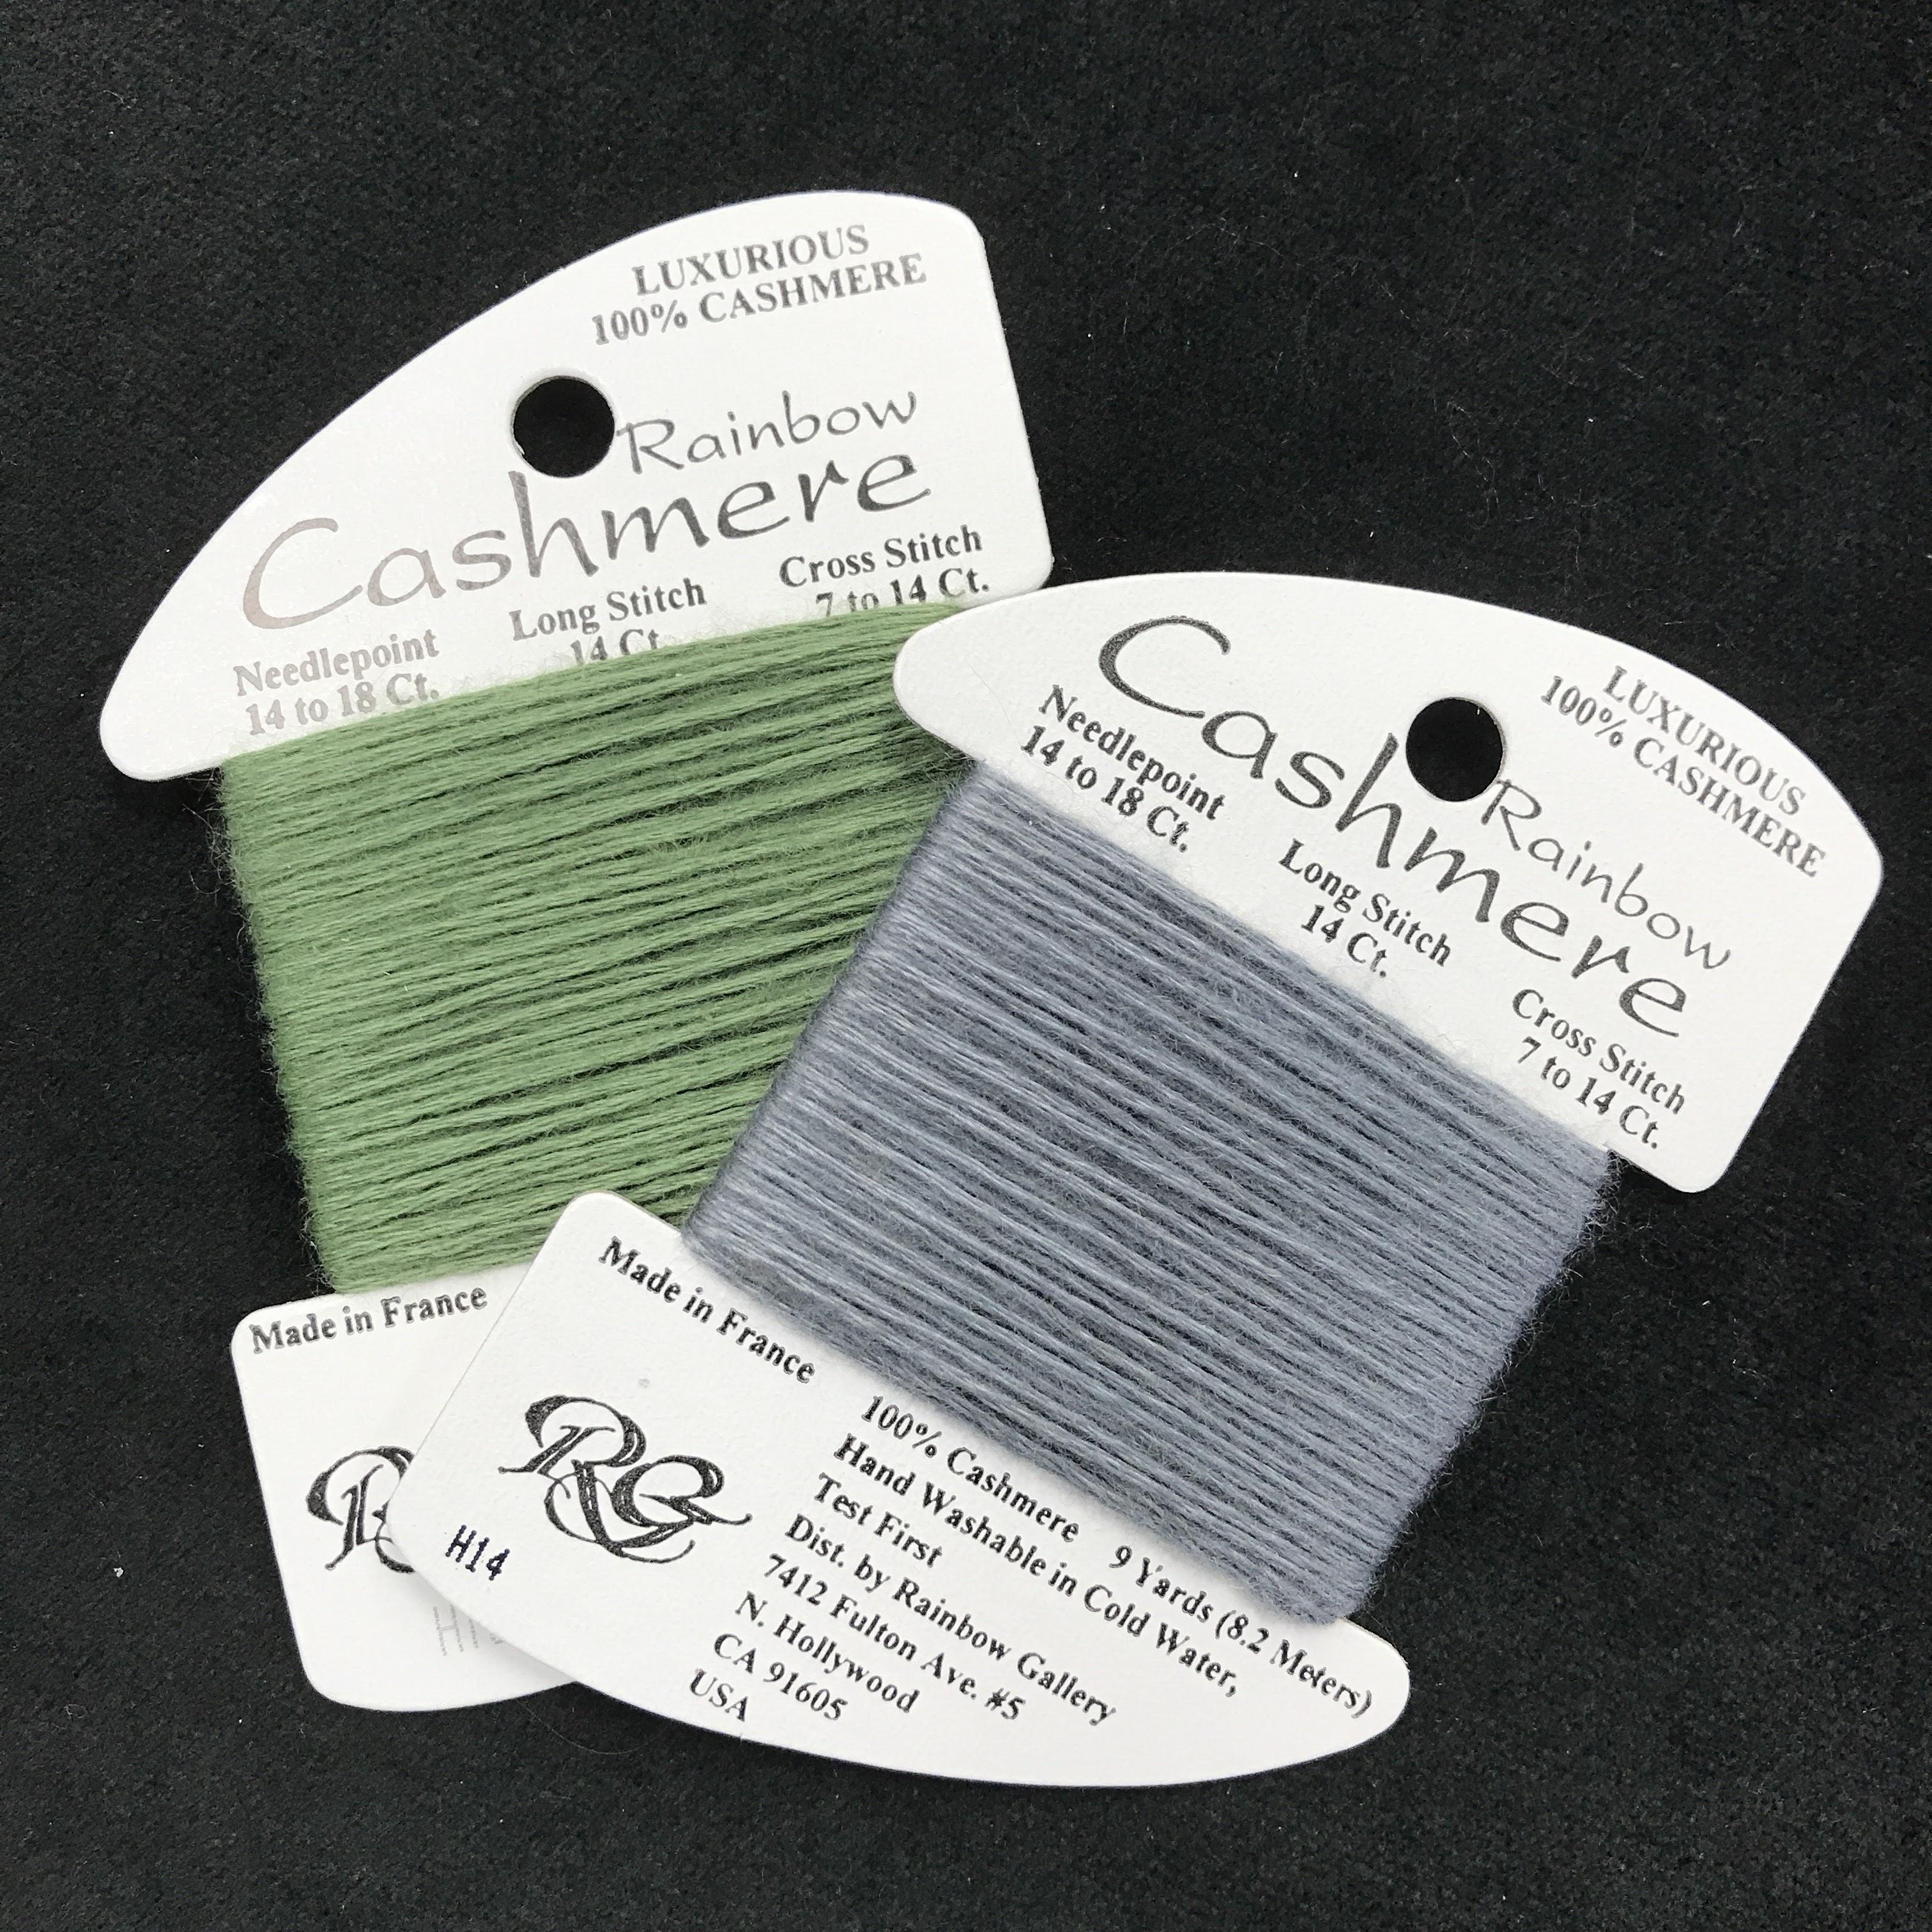 Nashville Needleworks - Cashmere Thread